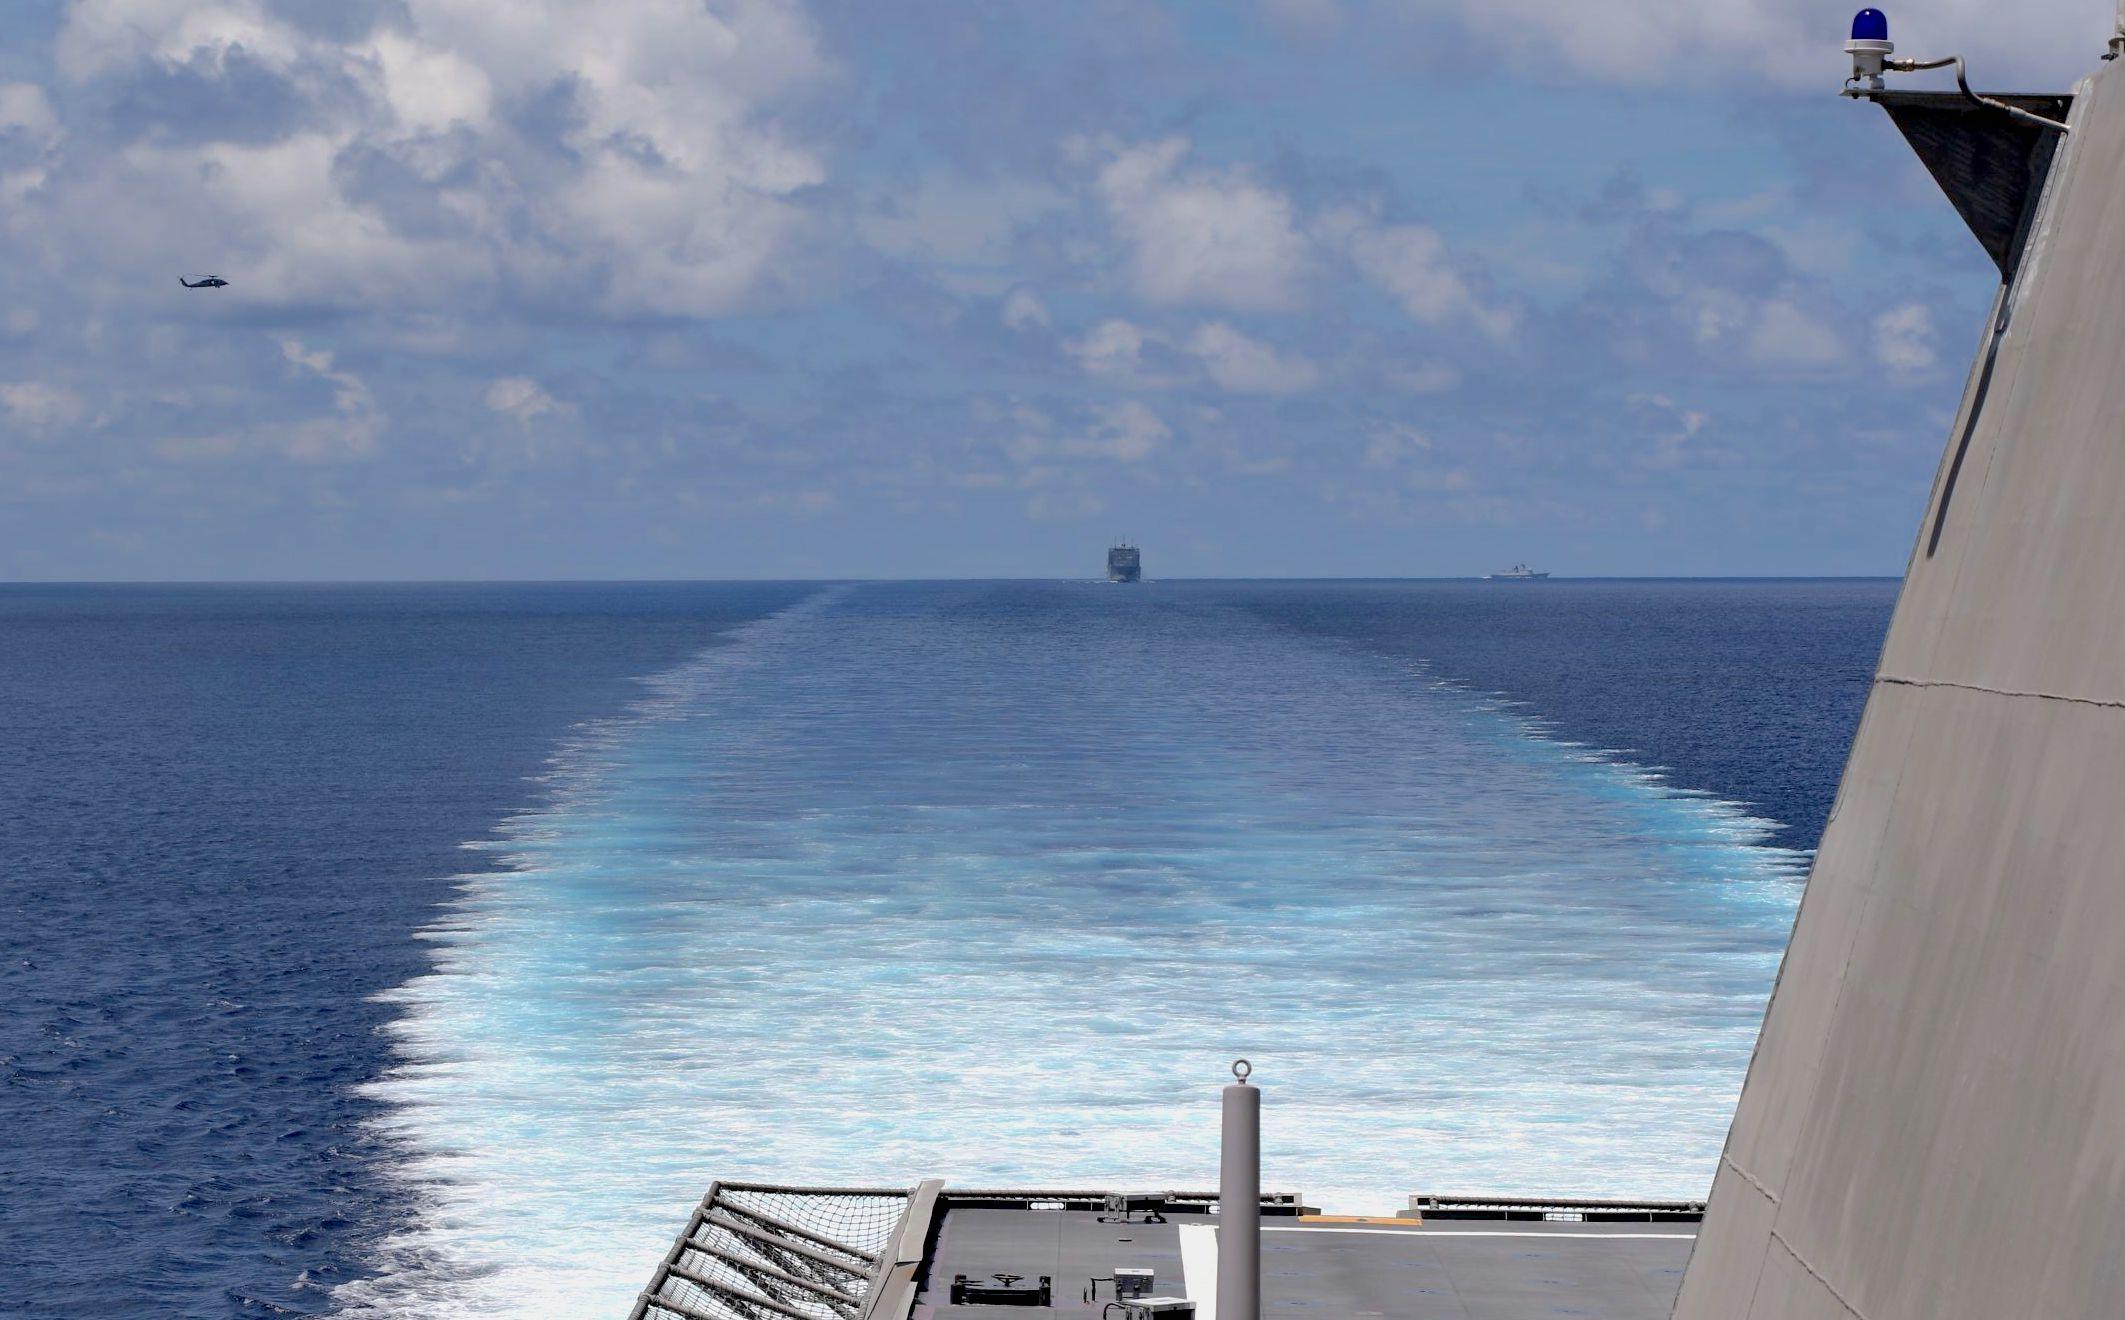 美国潜艇部队终亮相:在菲律宾海域战斗演习